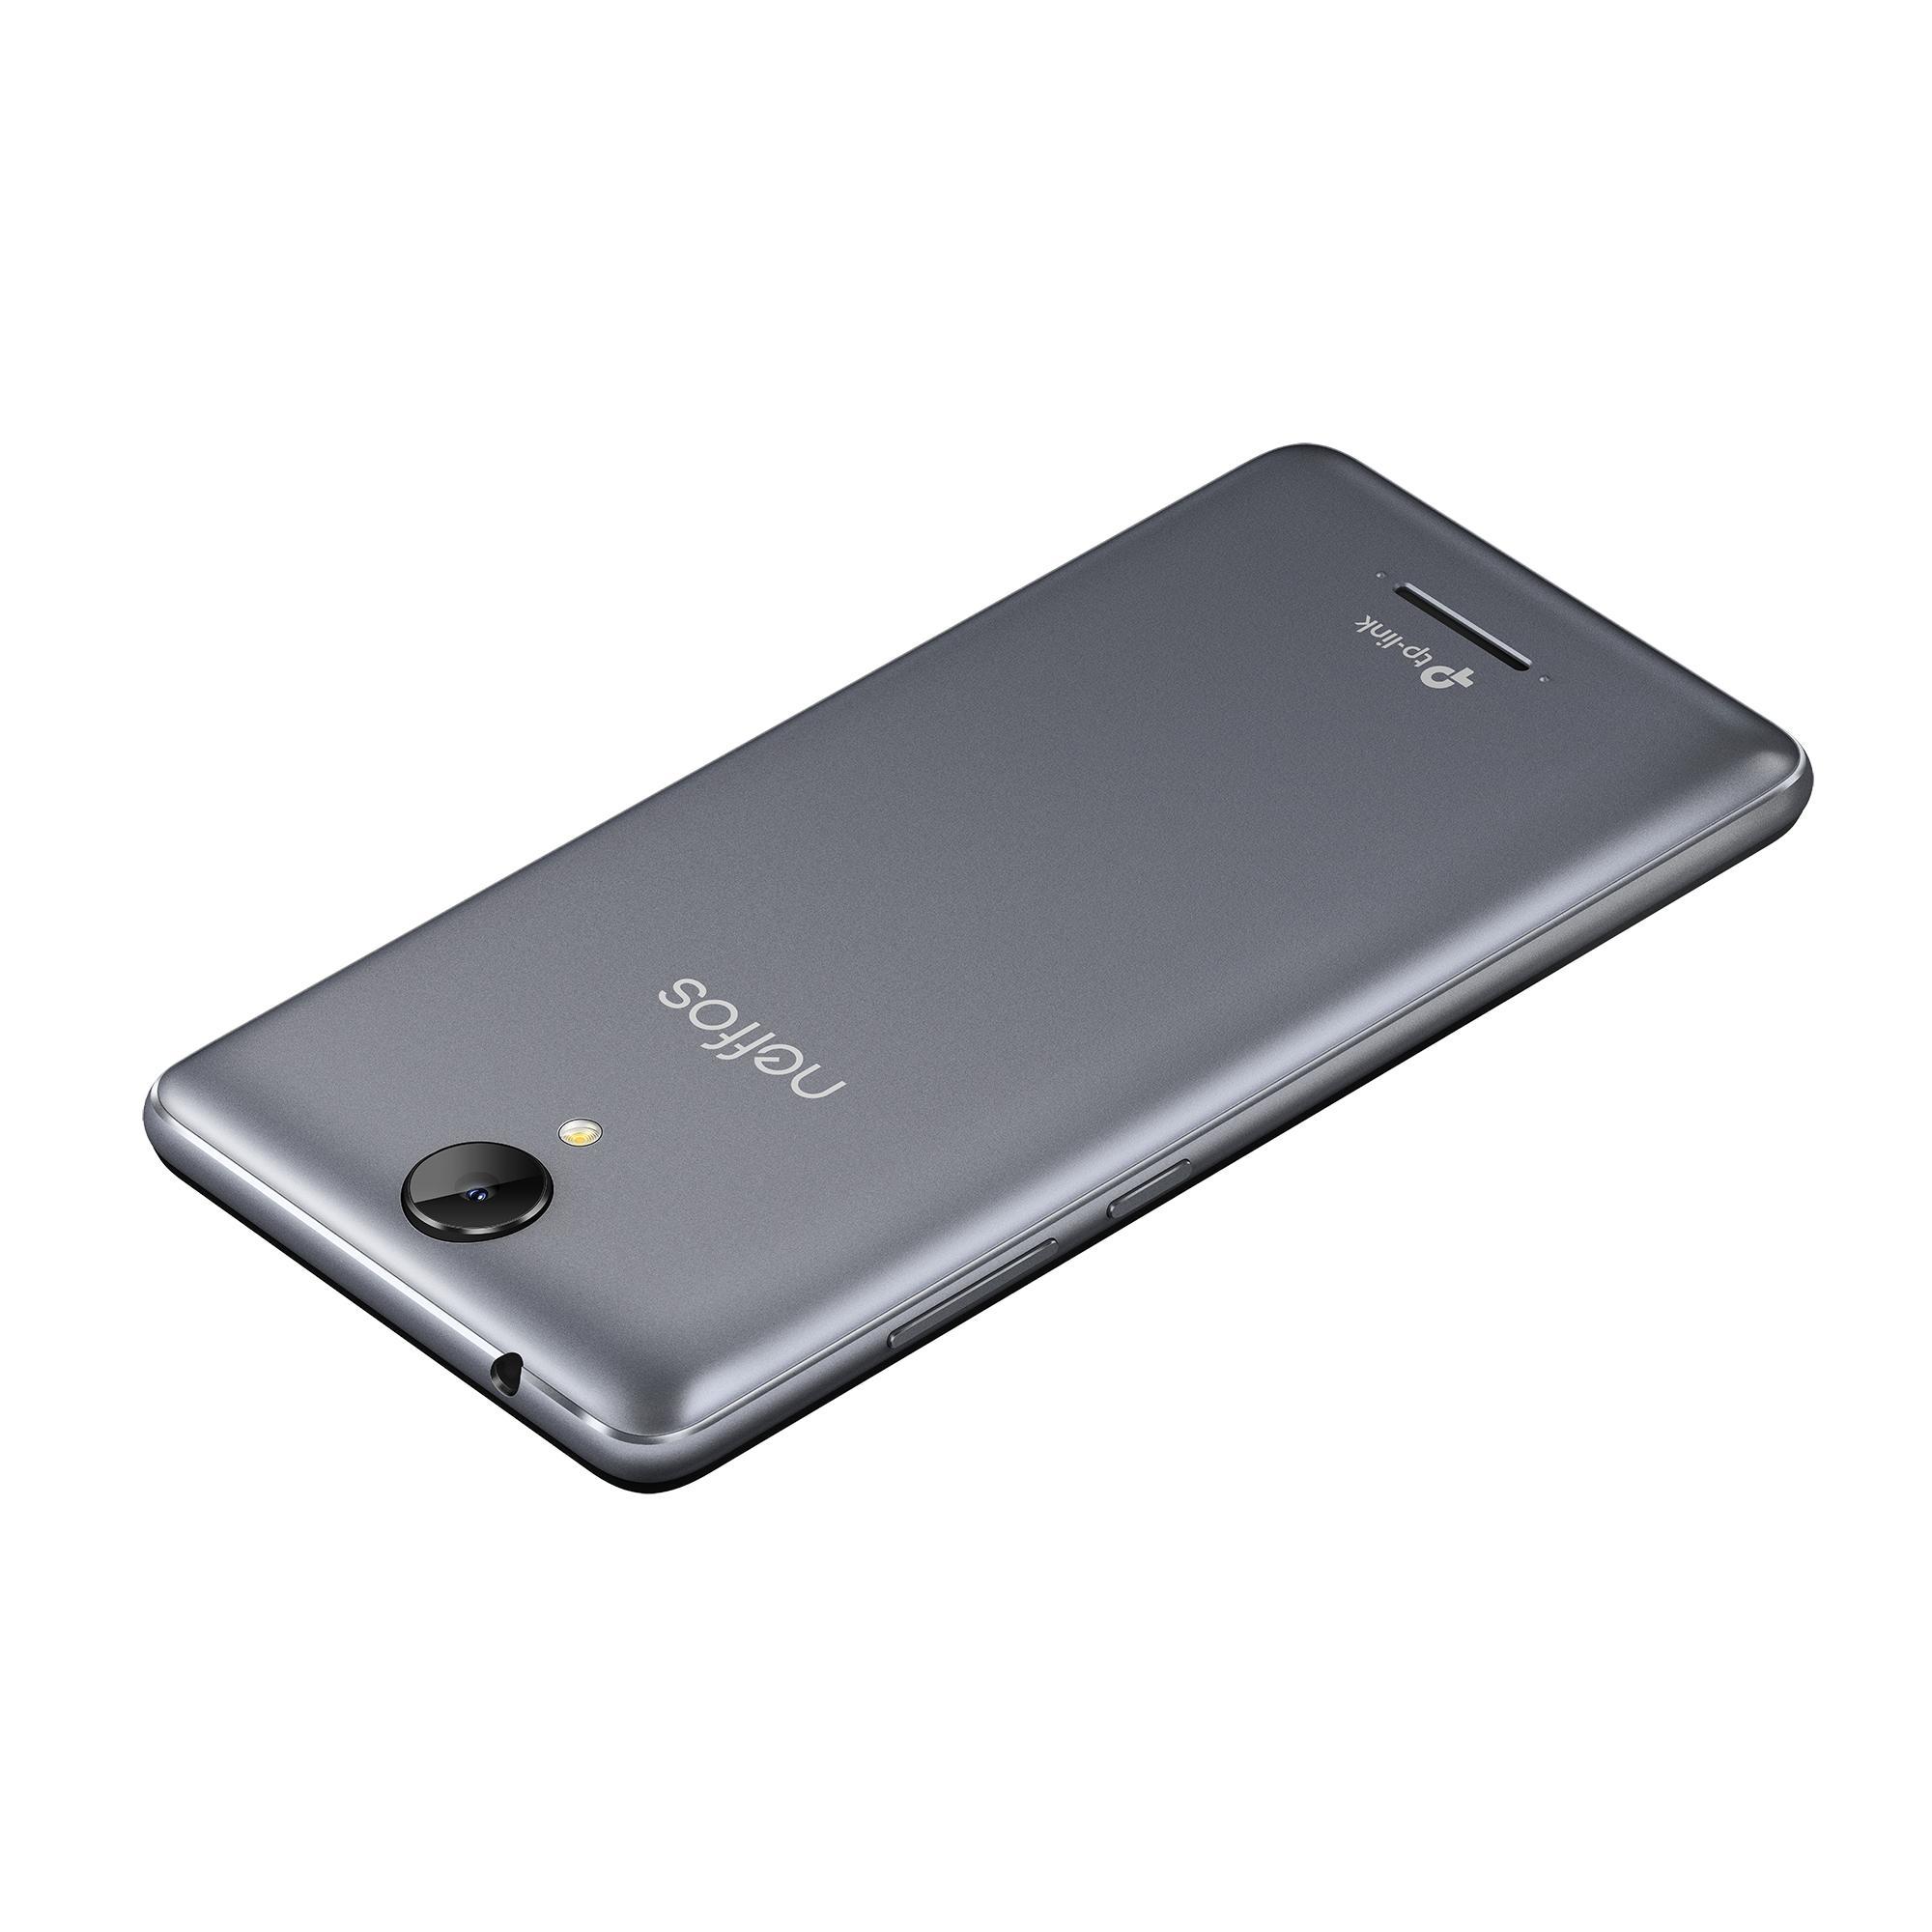 Смартфоны Neffos C5A иNeffos Y5s появляются вмагазинах России